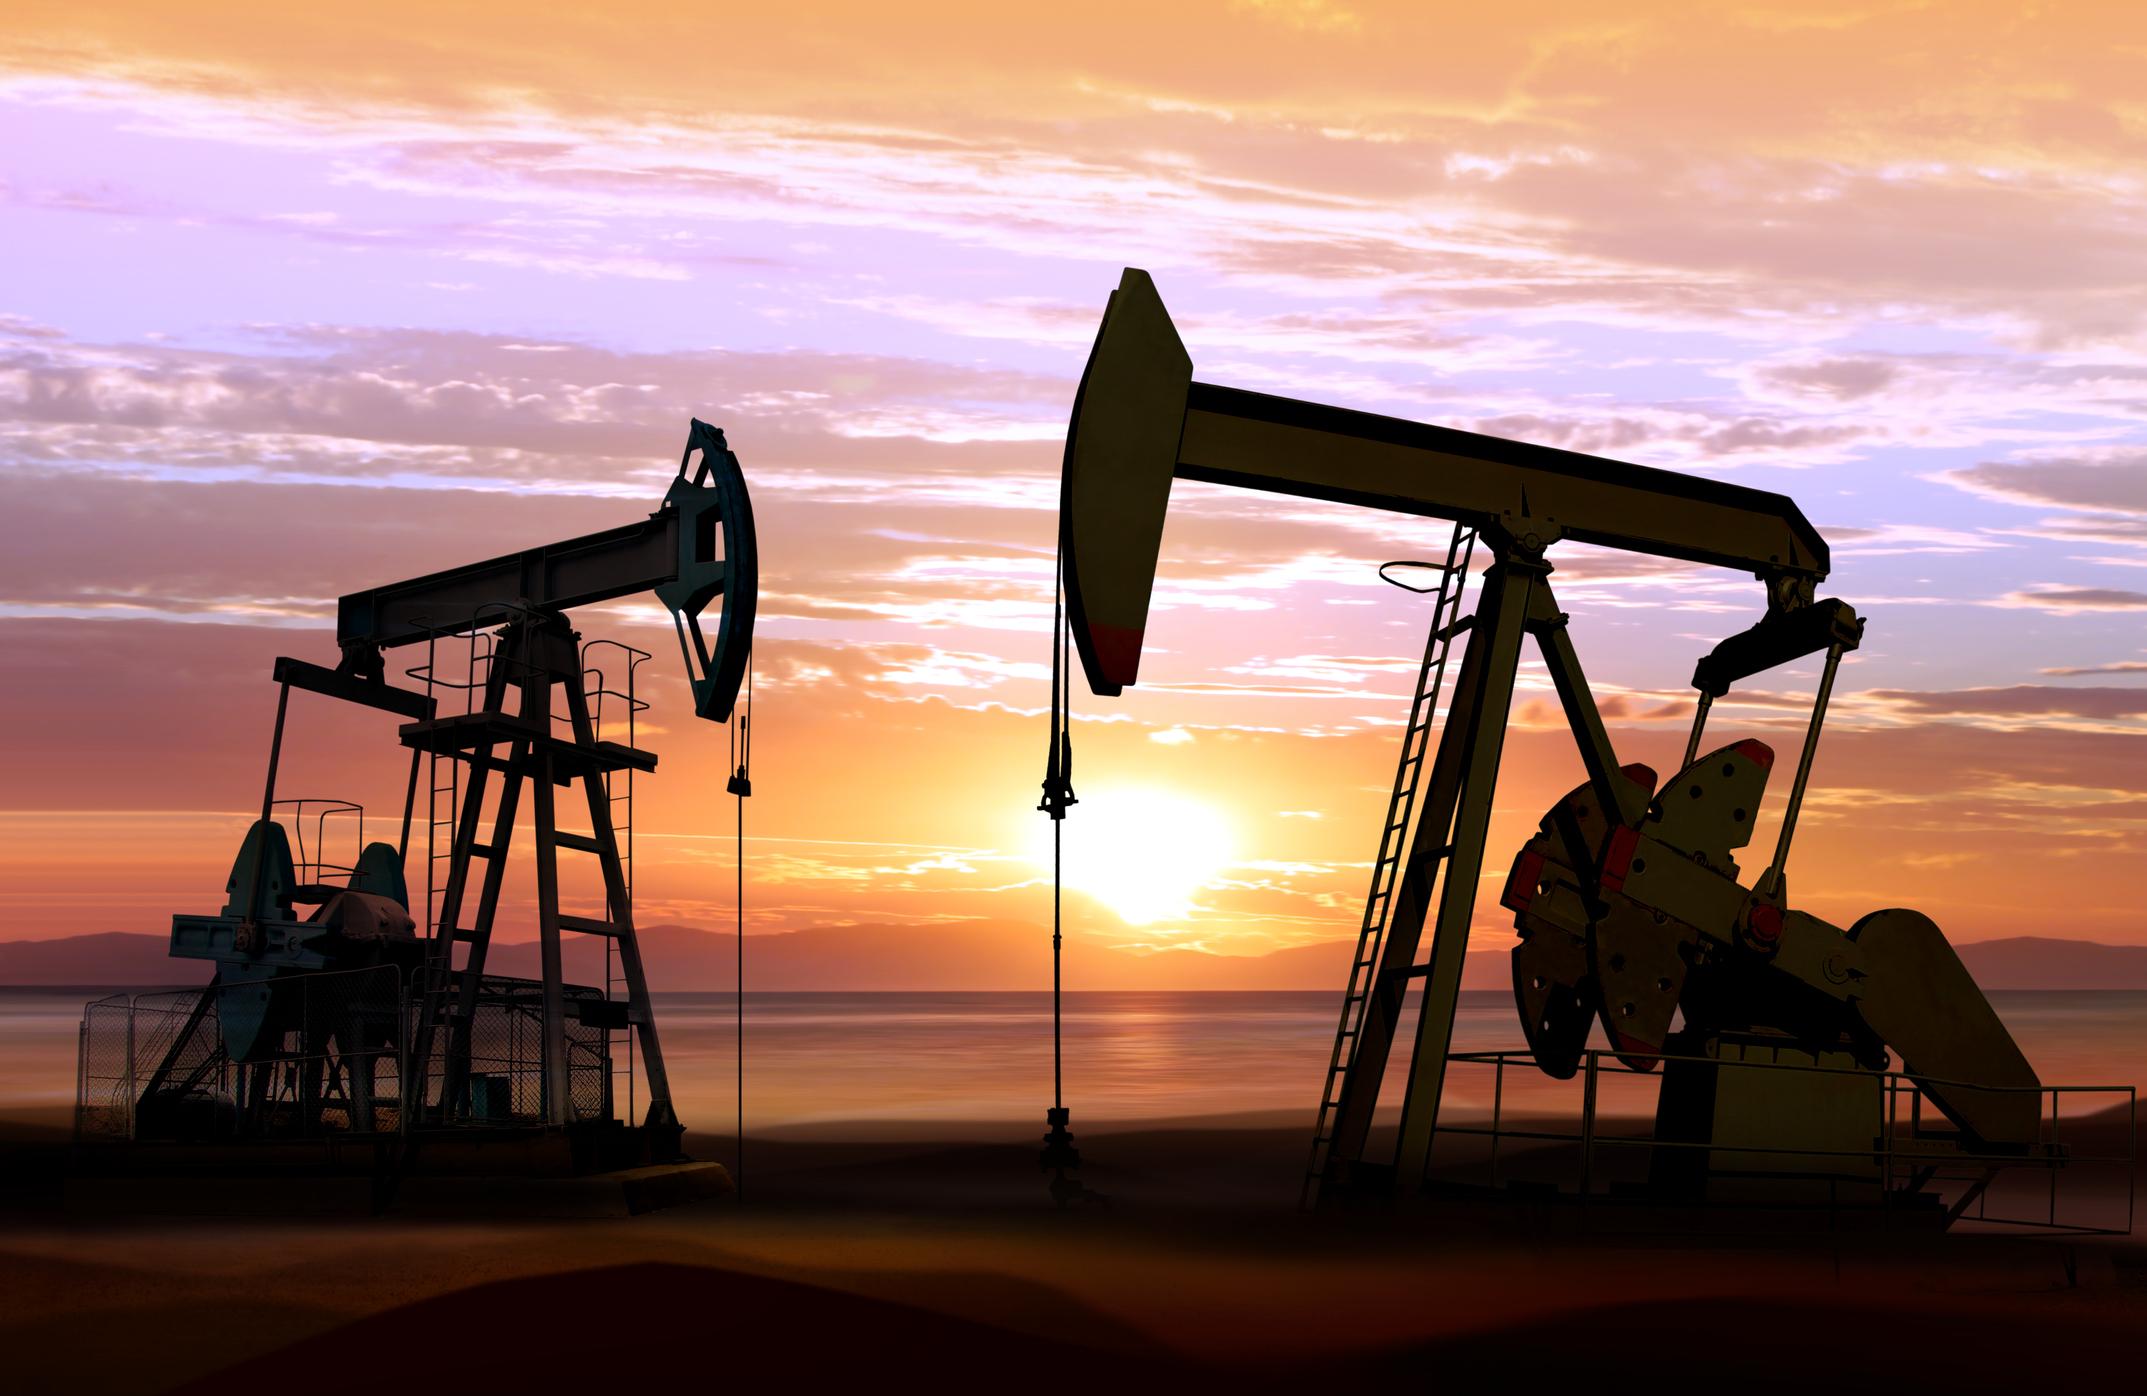 Oil derricks at sunset.